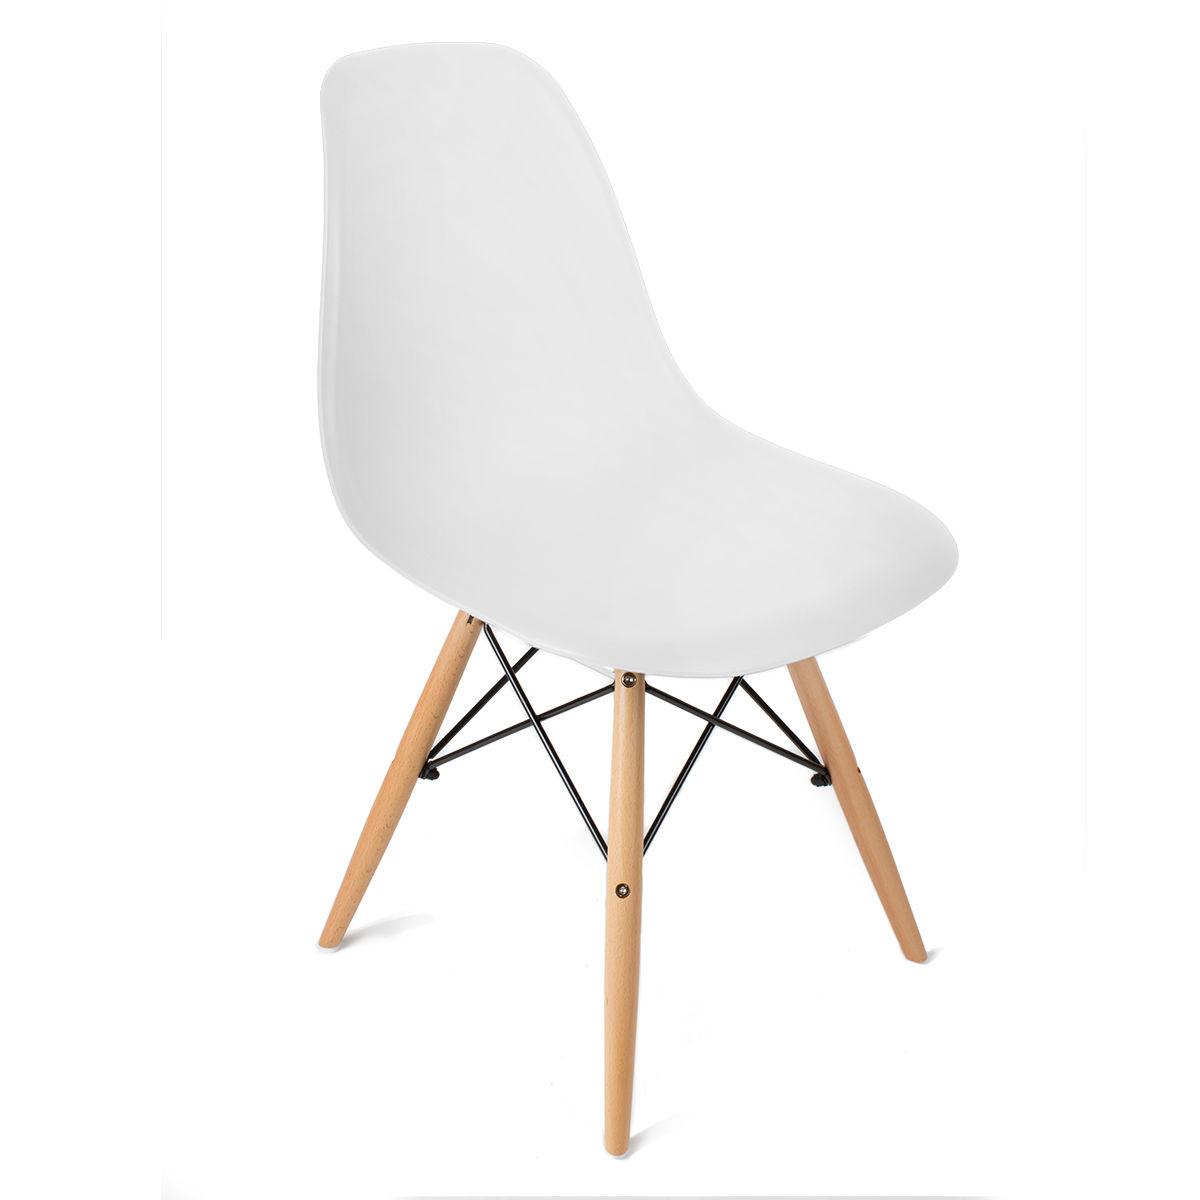 designer dsw stuhl art eiffel 2er 4er 6er set wohnzimmerstuhl esszimmerstuhl neu ebay. Black Bedroom Furniture Sets. Home Design Ideas